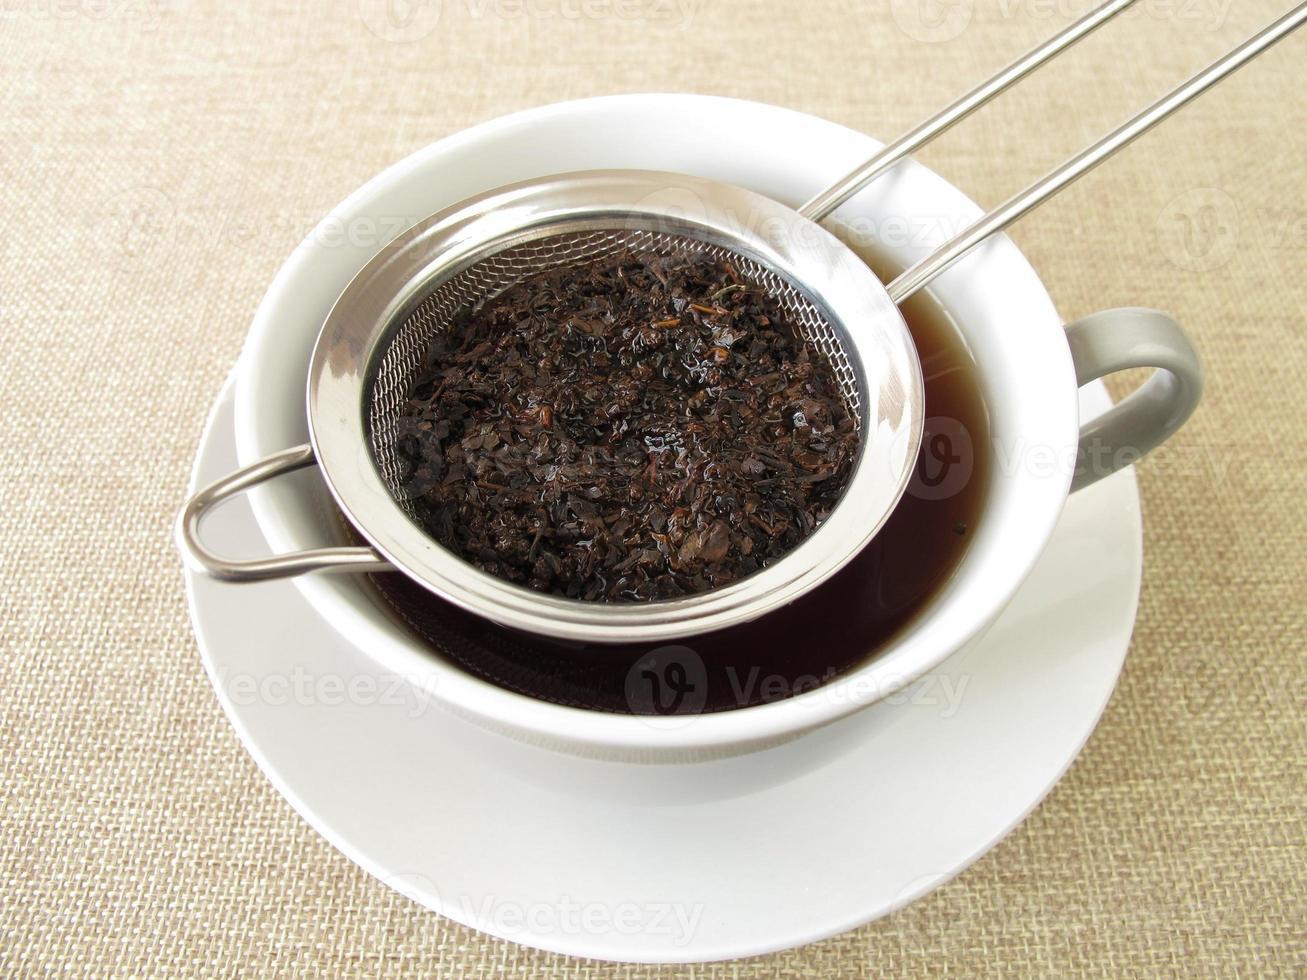 svart te i sil foto